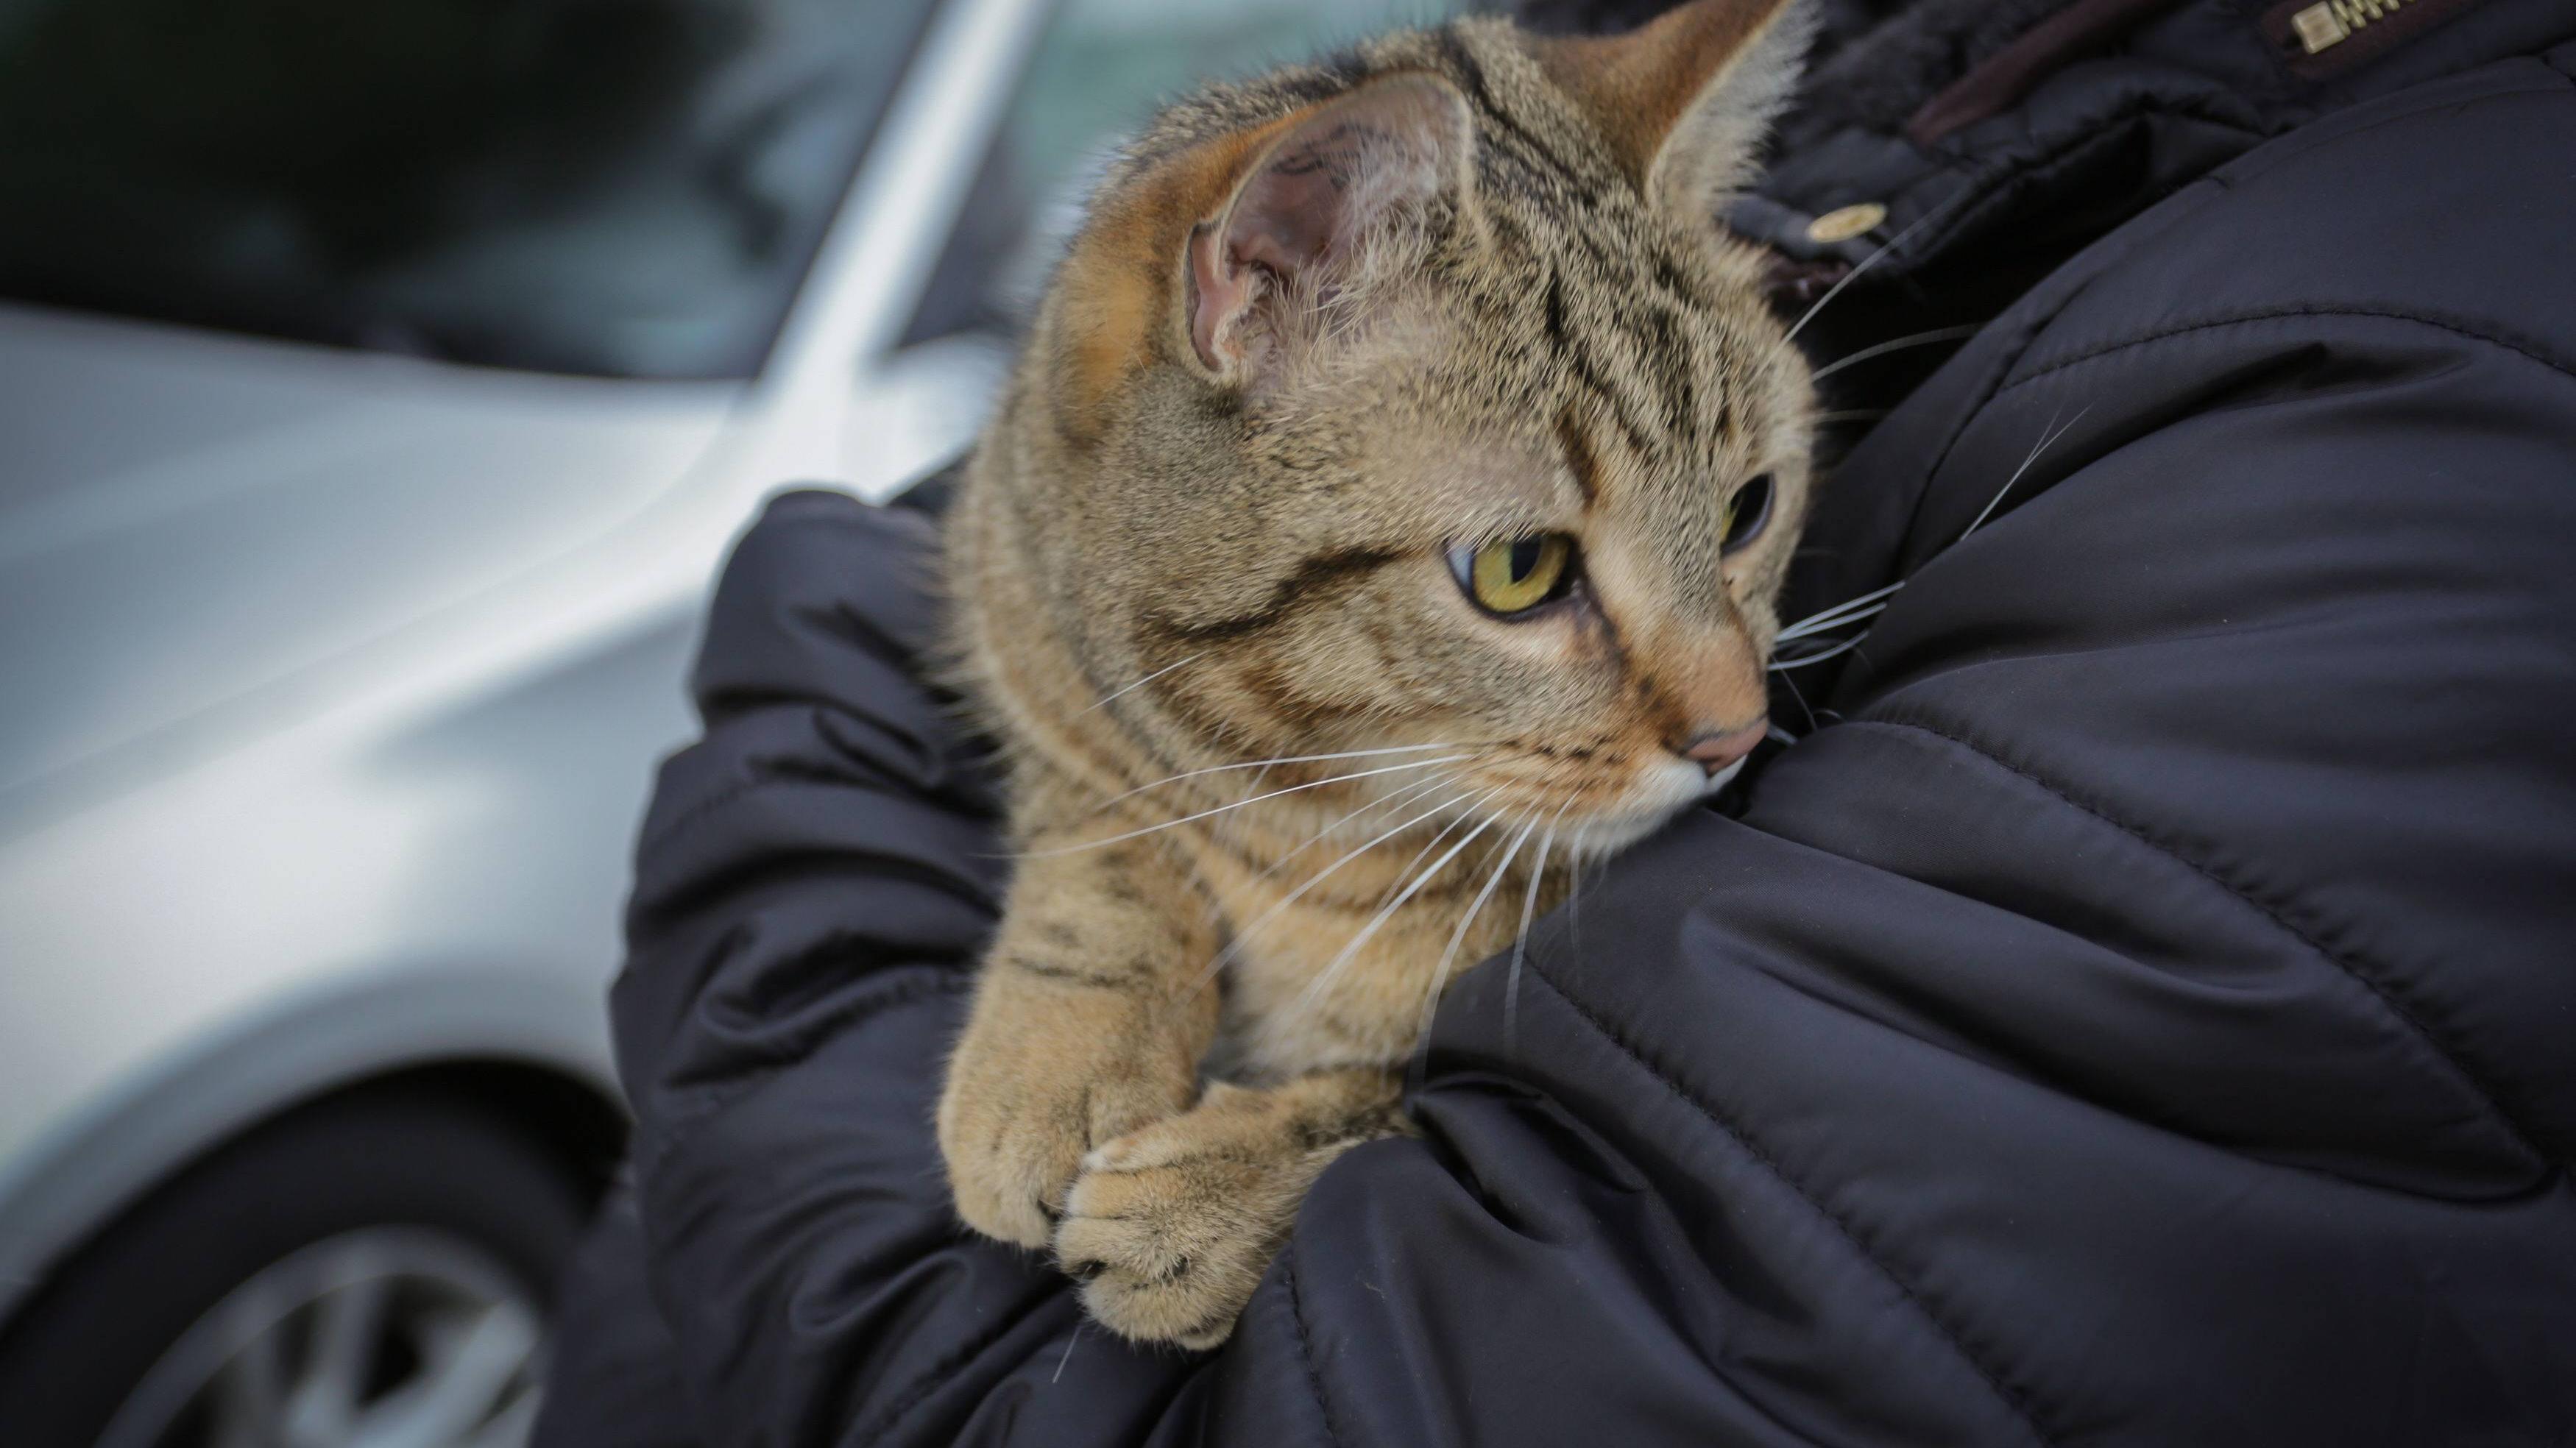 Katze vegan ernähren: Ist das gesund? Das müssen Sie wissen